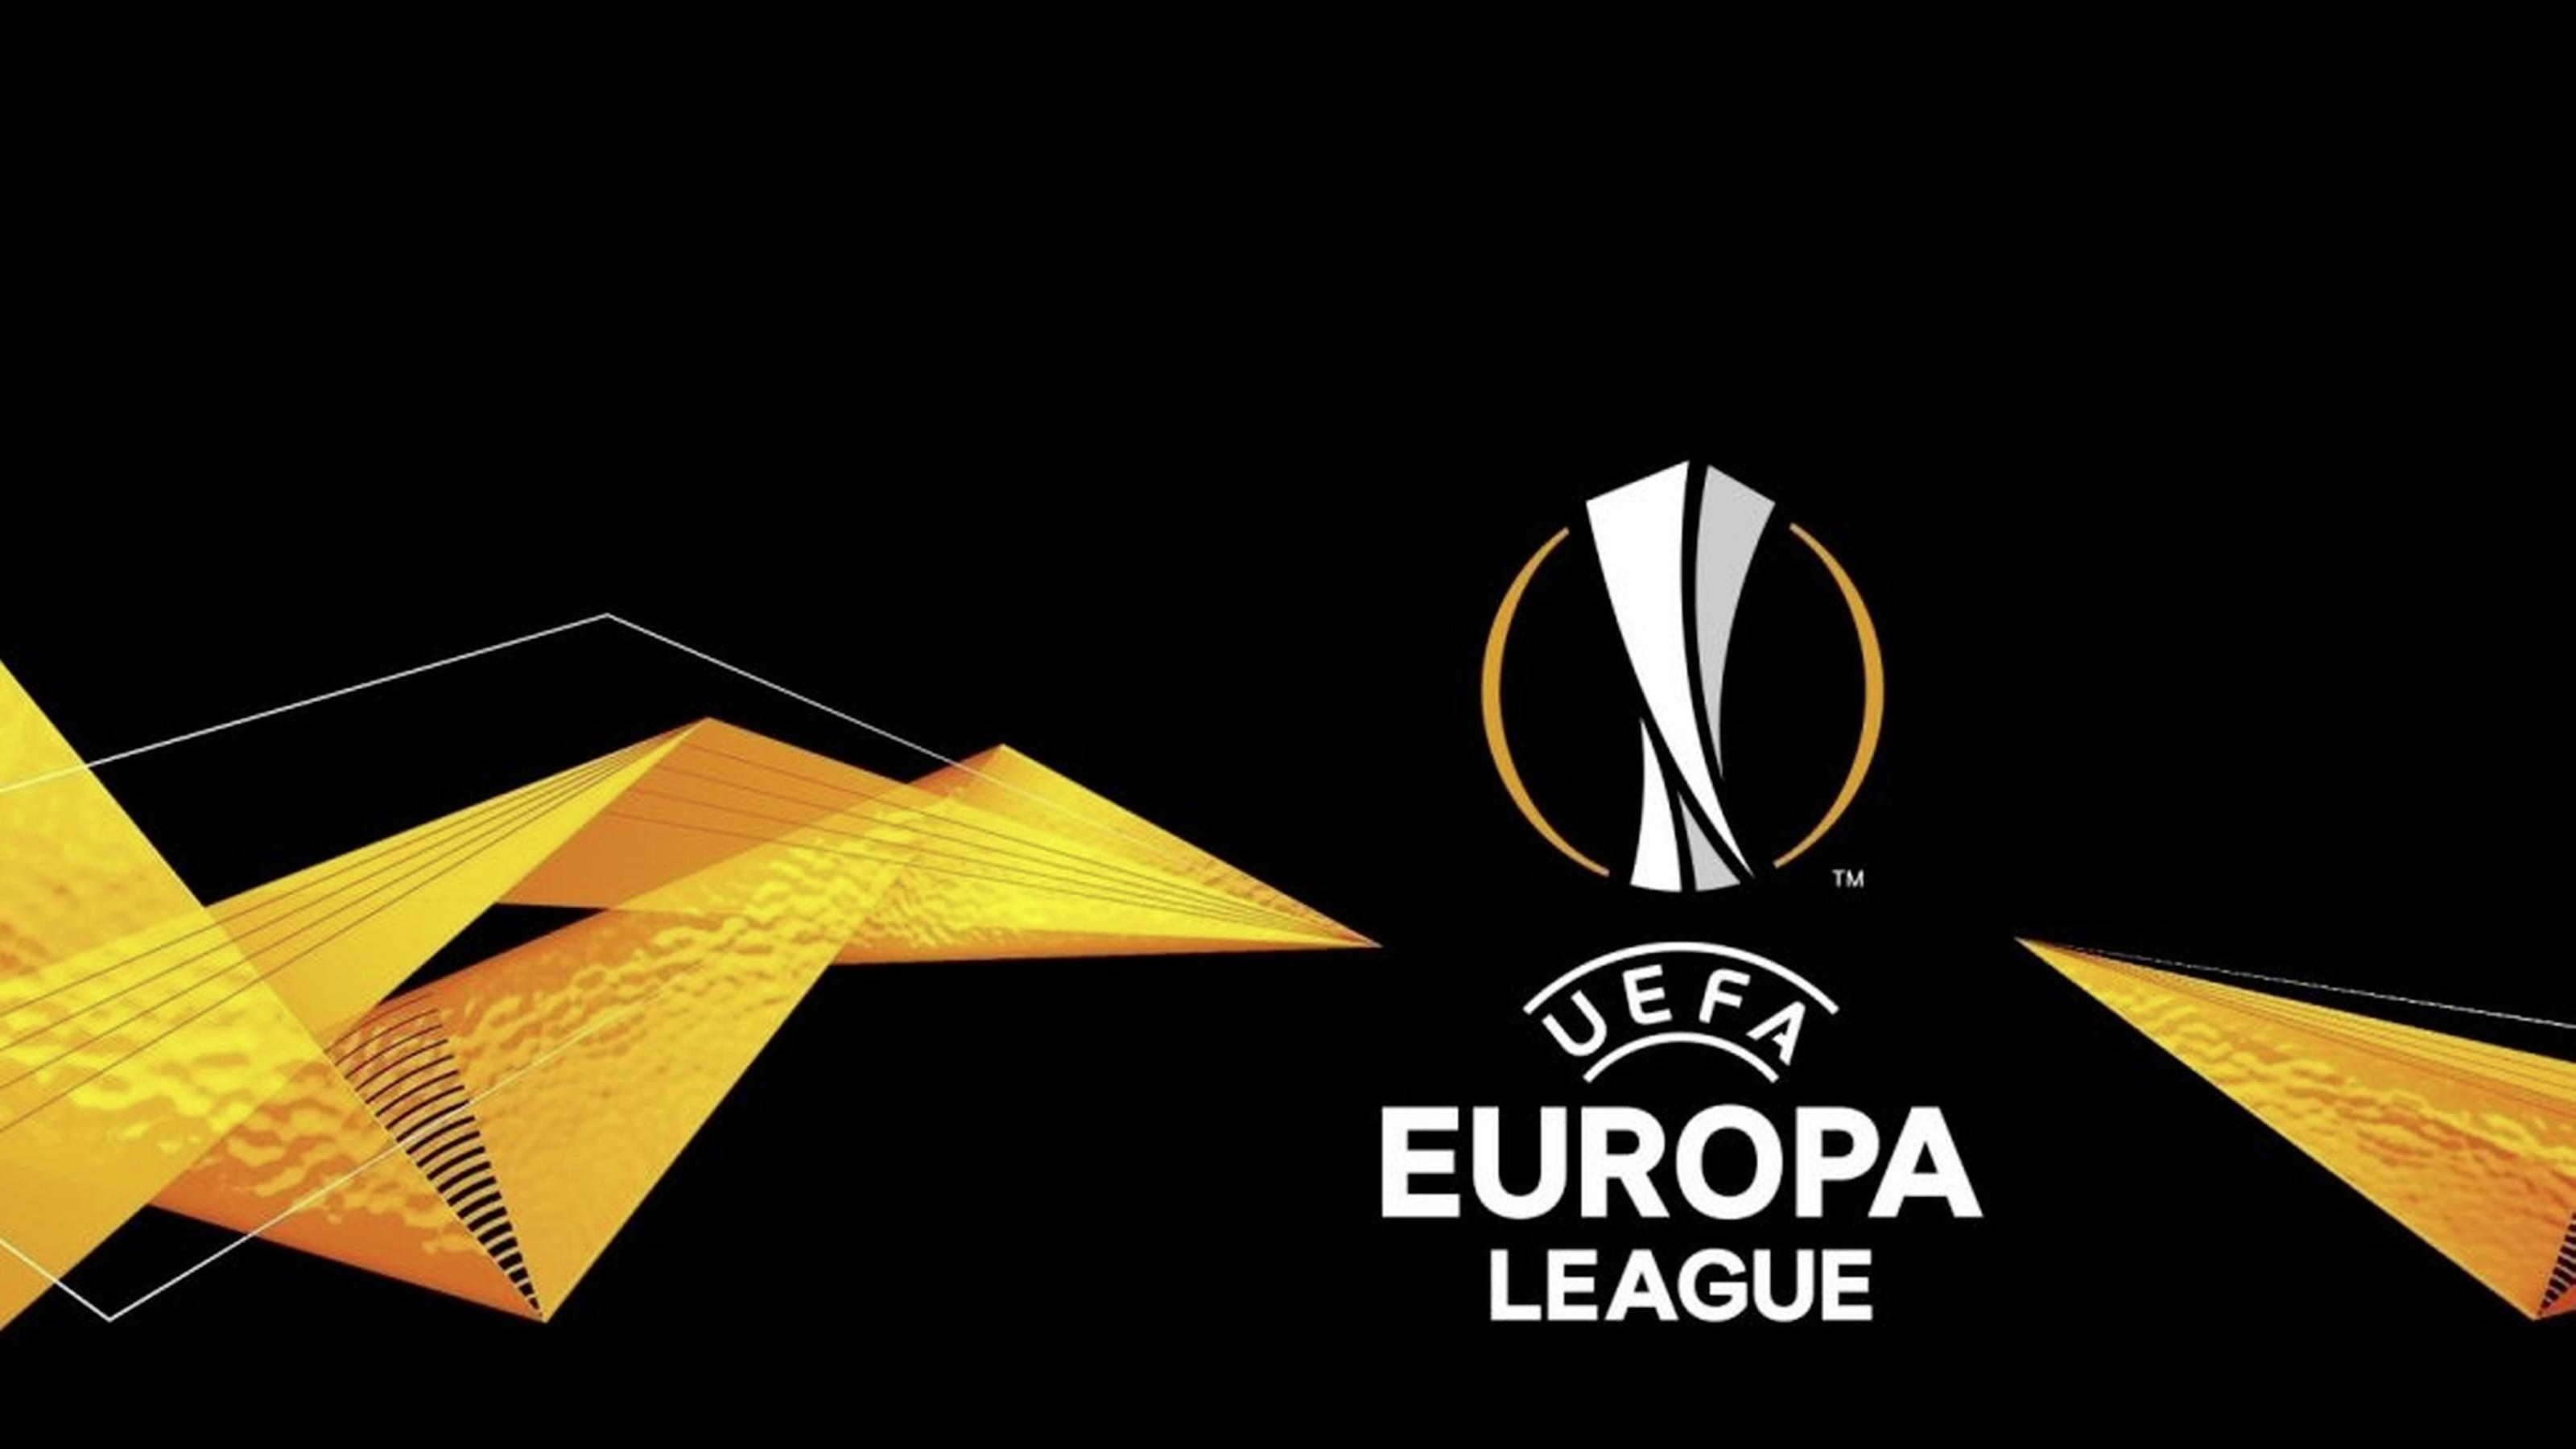 AZ hoeft niet ver weg in de Europa League: tegenstander wordt Jablonec (Tsjechië) of Celtic (Schotland)